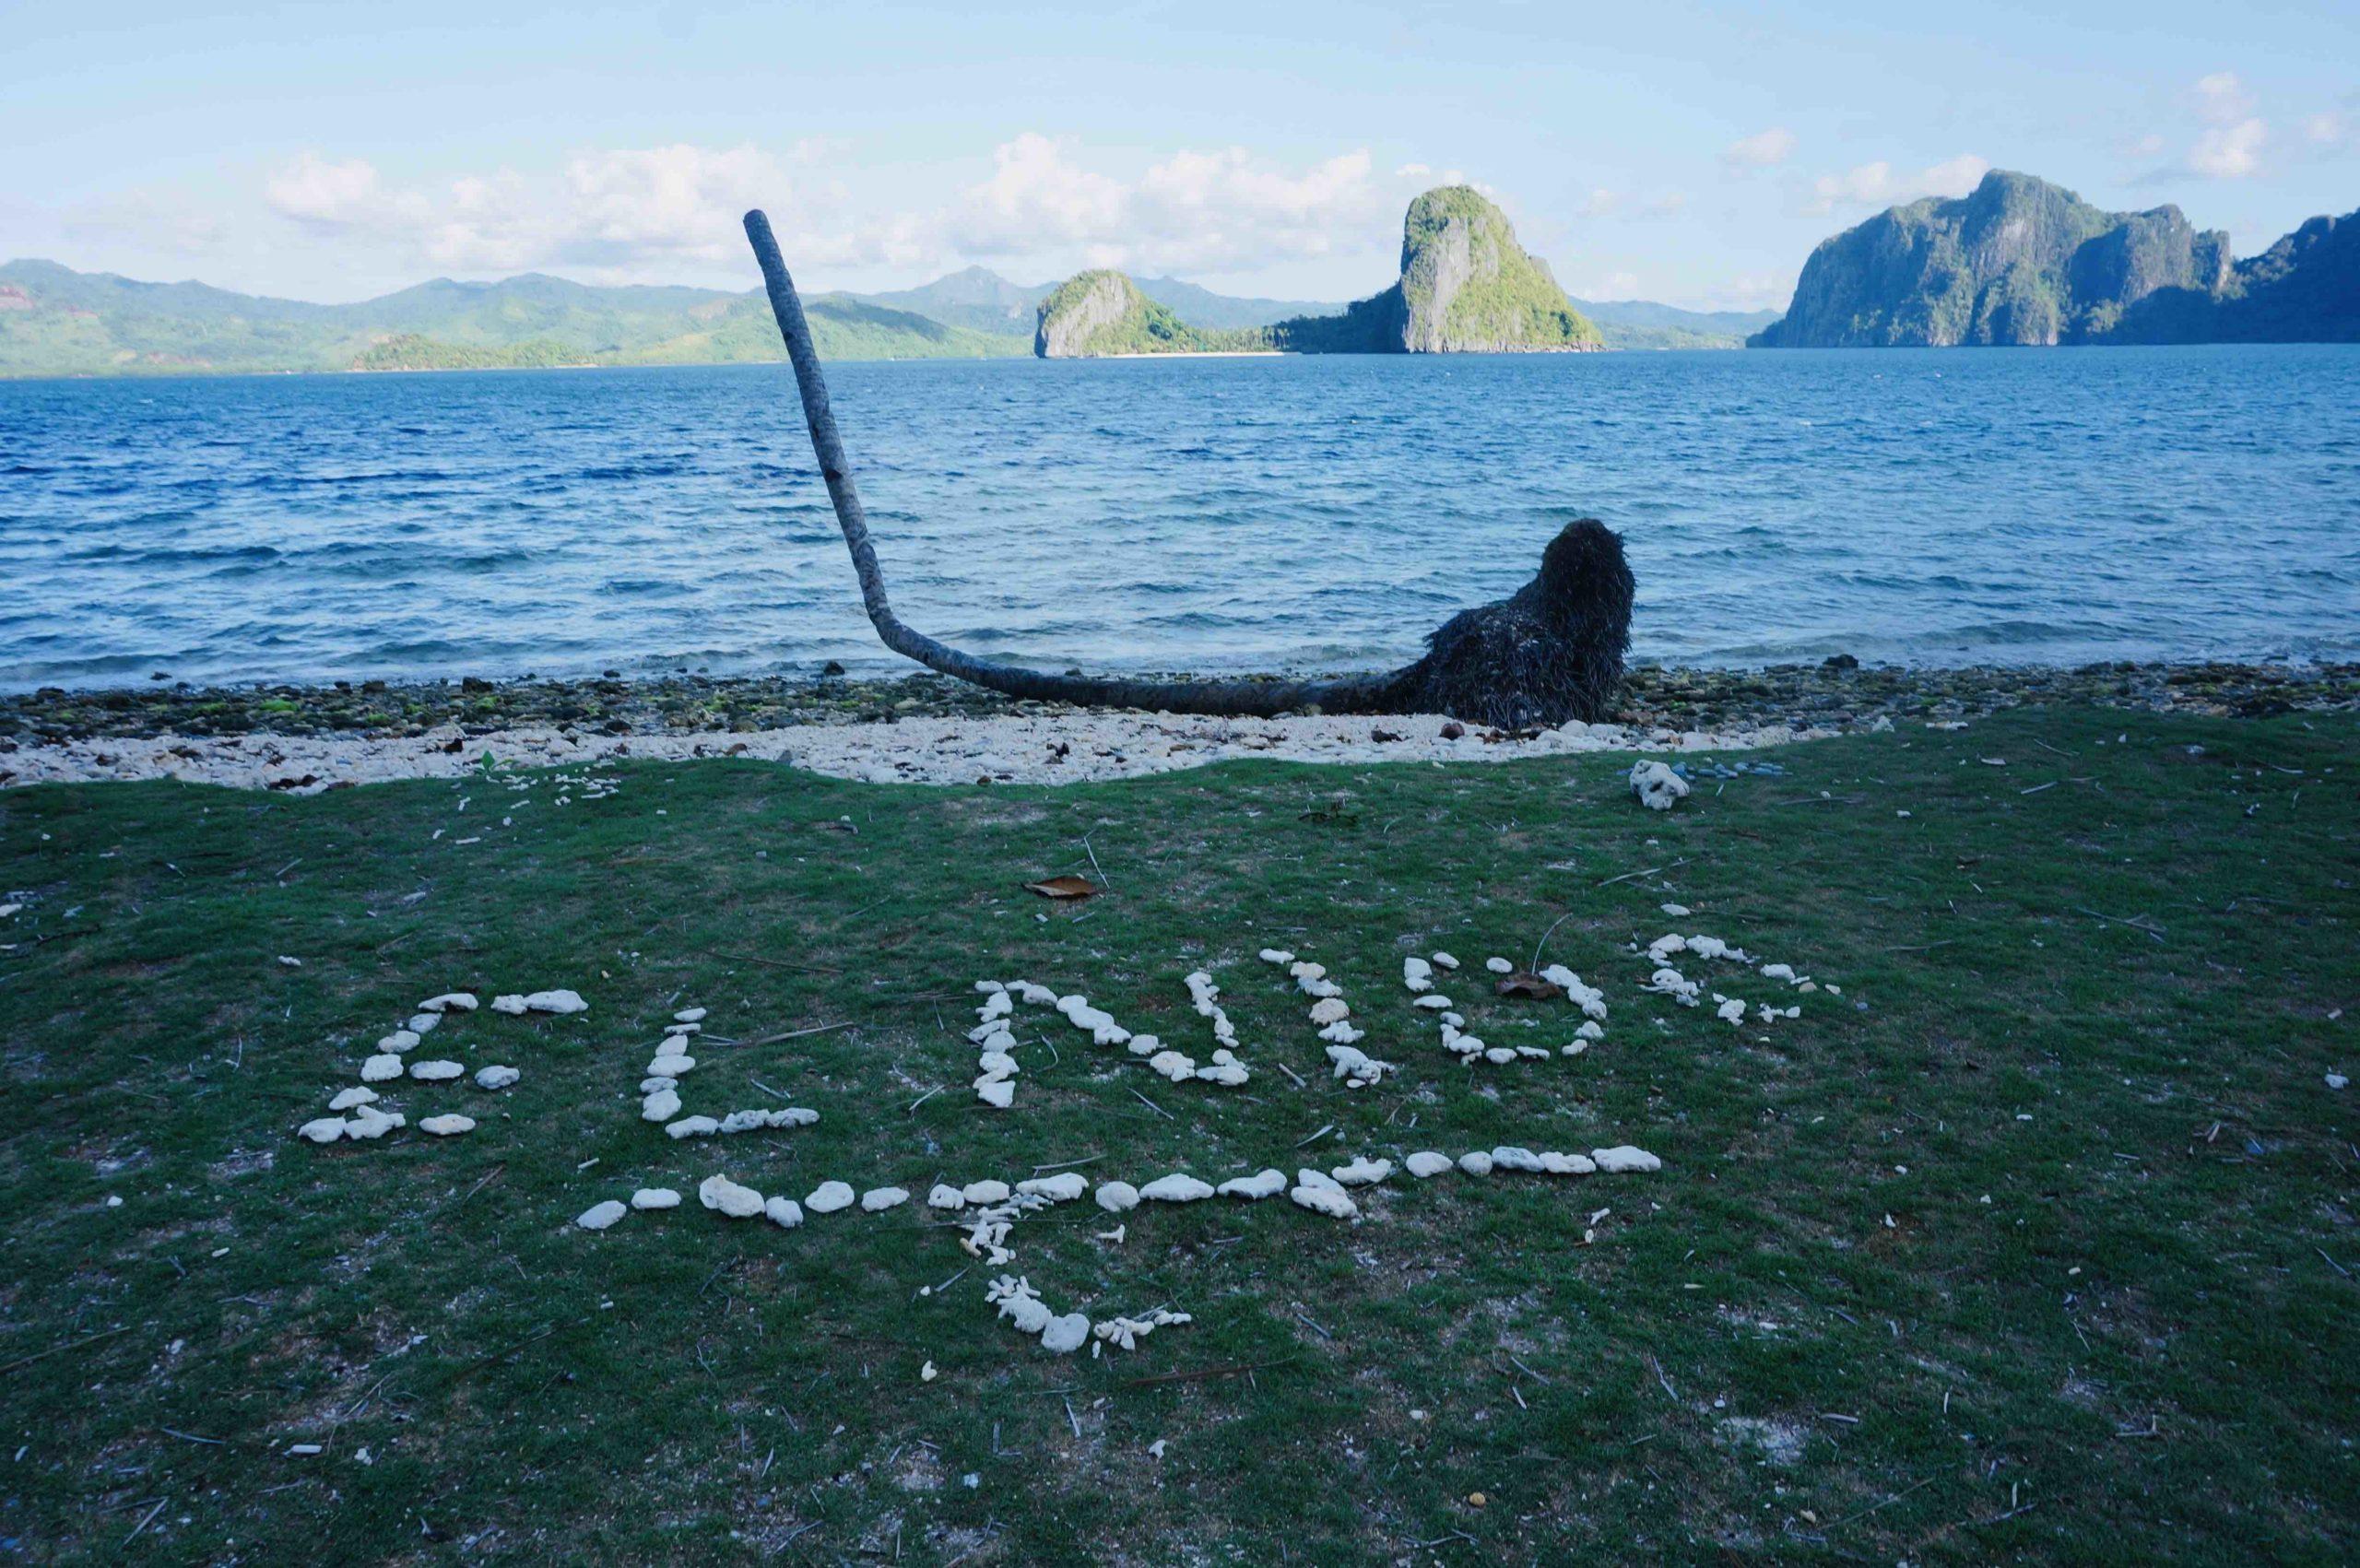 新婚旅行におすすめの国フィリピン